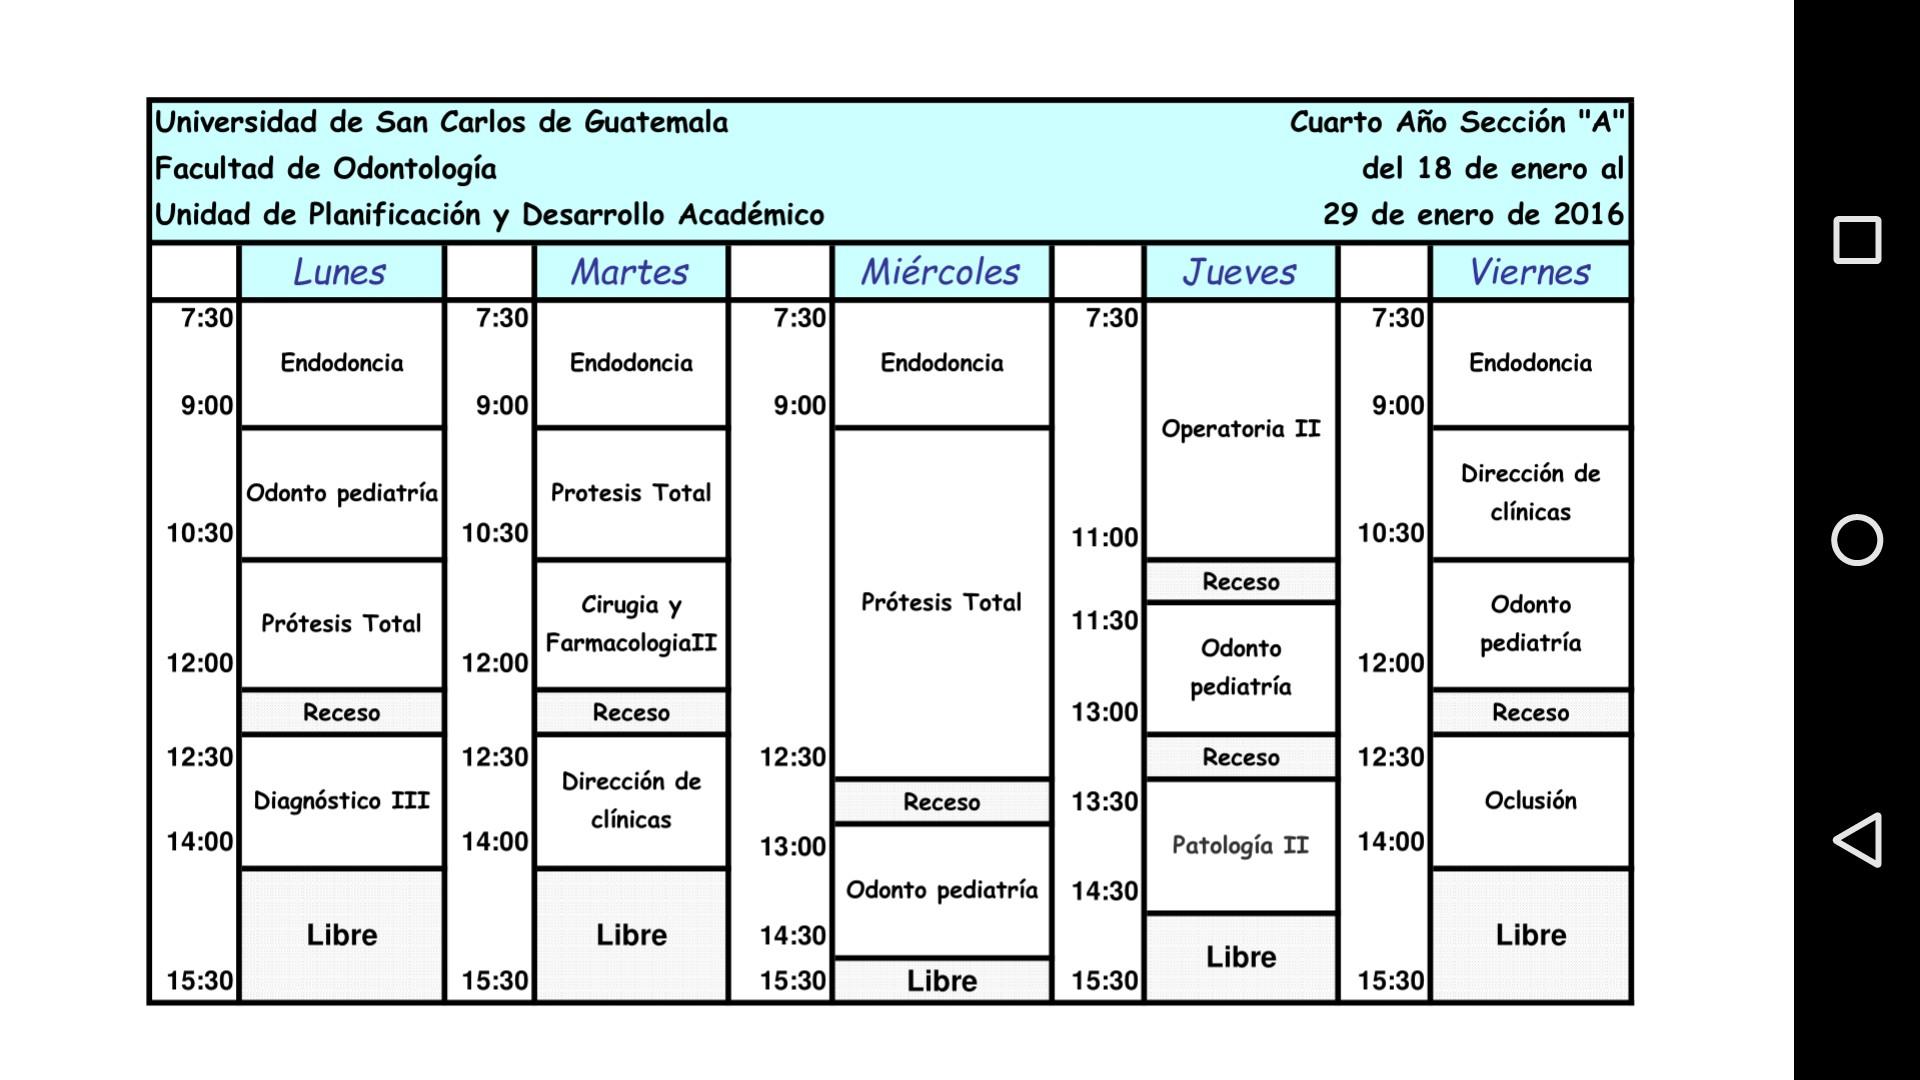 Calendario Abril 2019 Vector Gt Más Recientes Apoyo Para La Fac De Odontologa – Usac Generalidades Of Calendario Abril 2019 Vector Gt Más Reciente Boletin De Planificacion Pdf